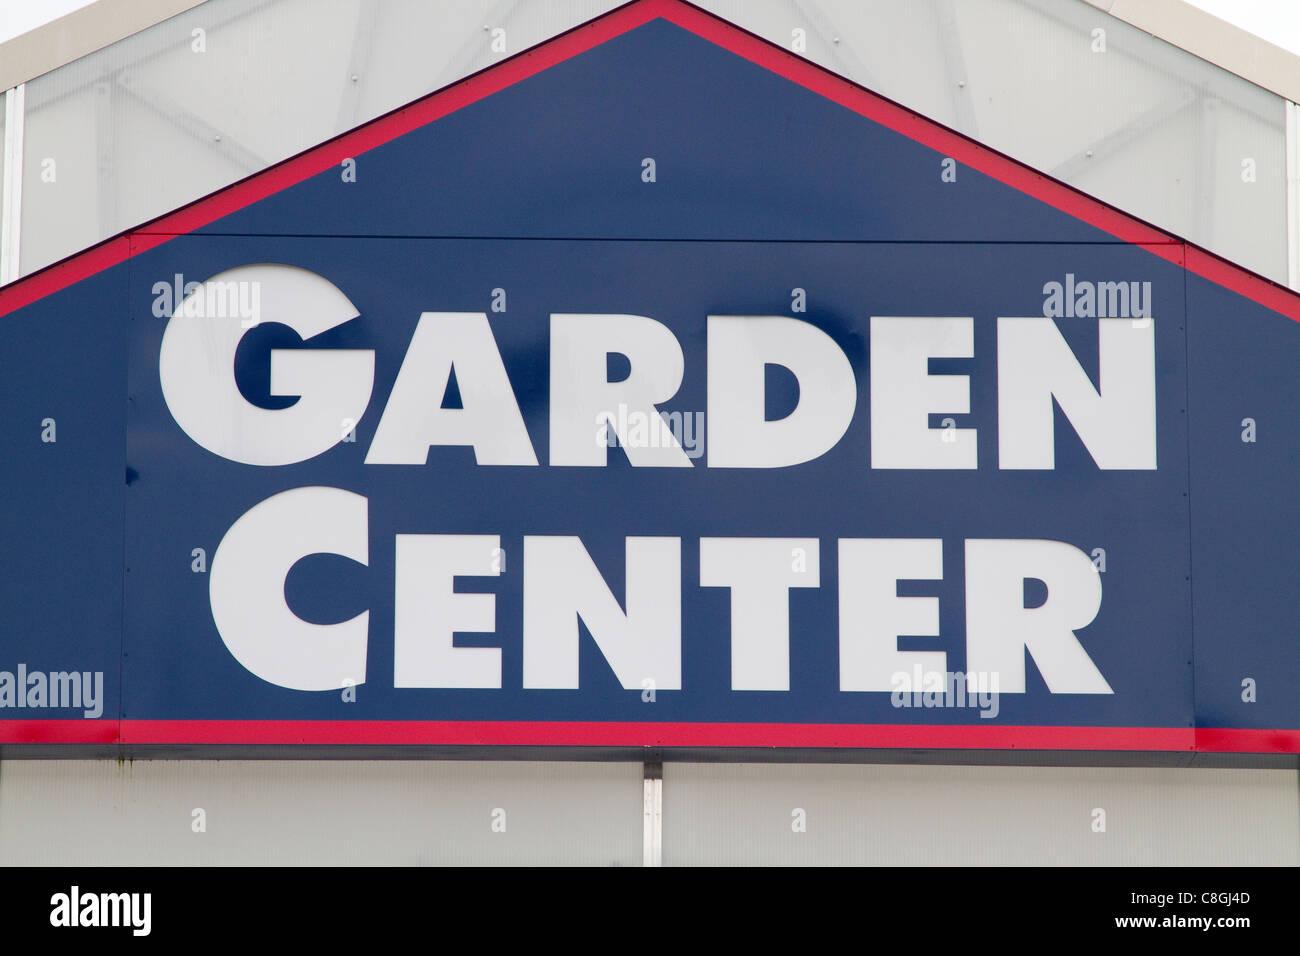 Garden centre, center, sign. - Stock Image